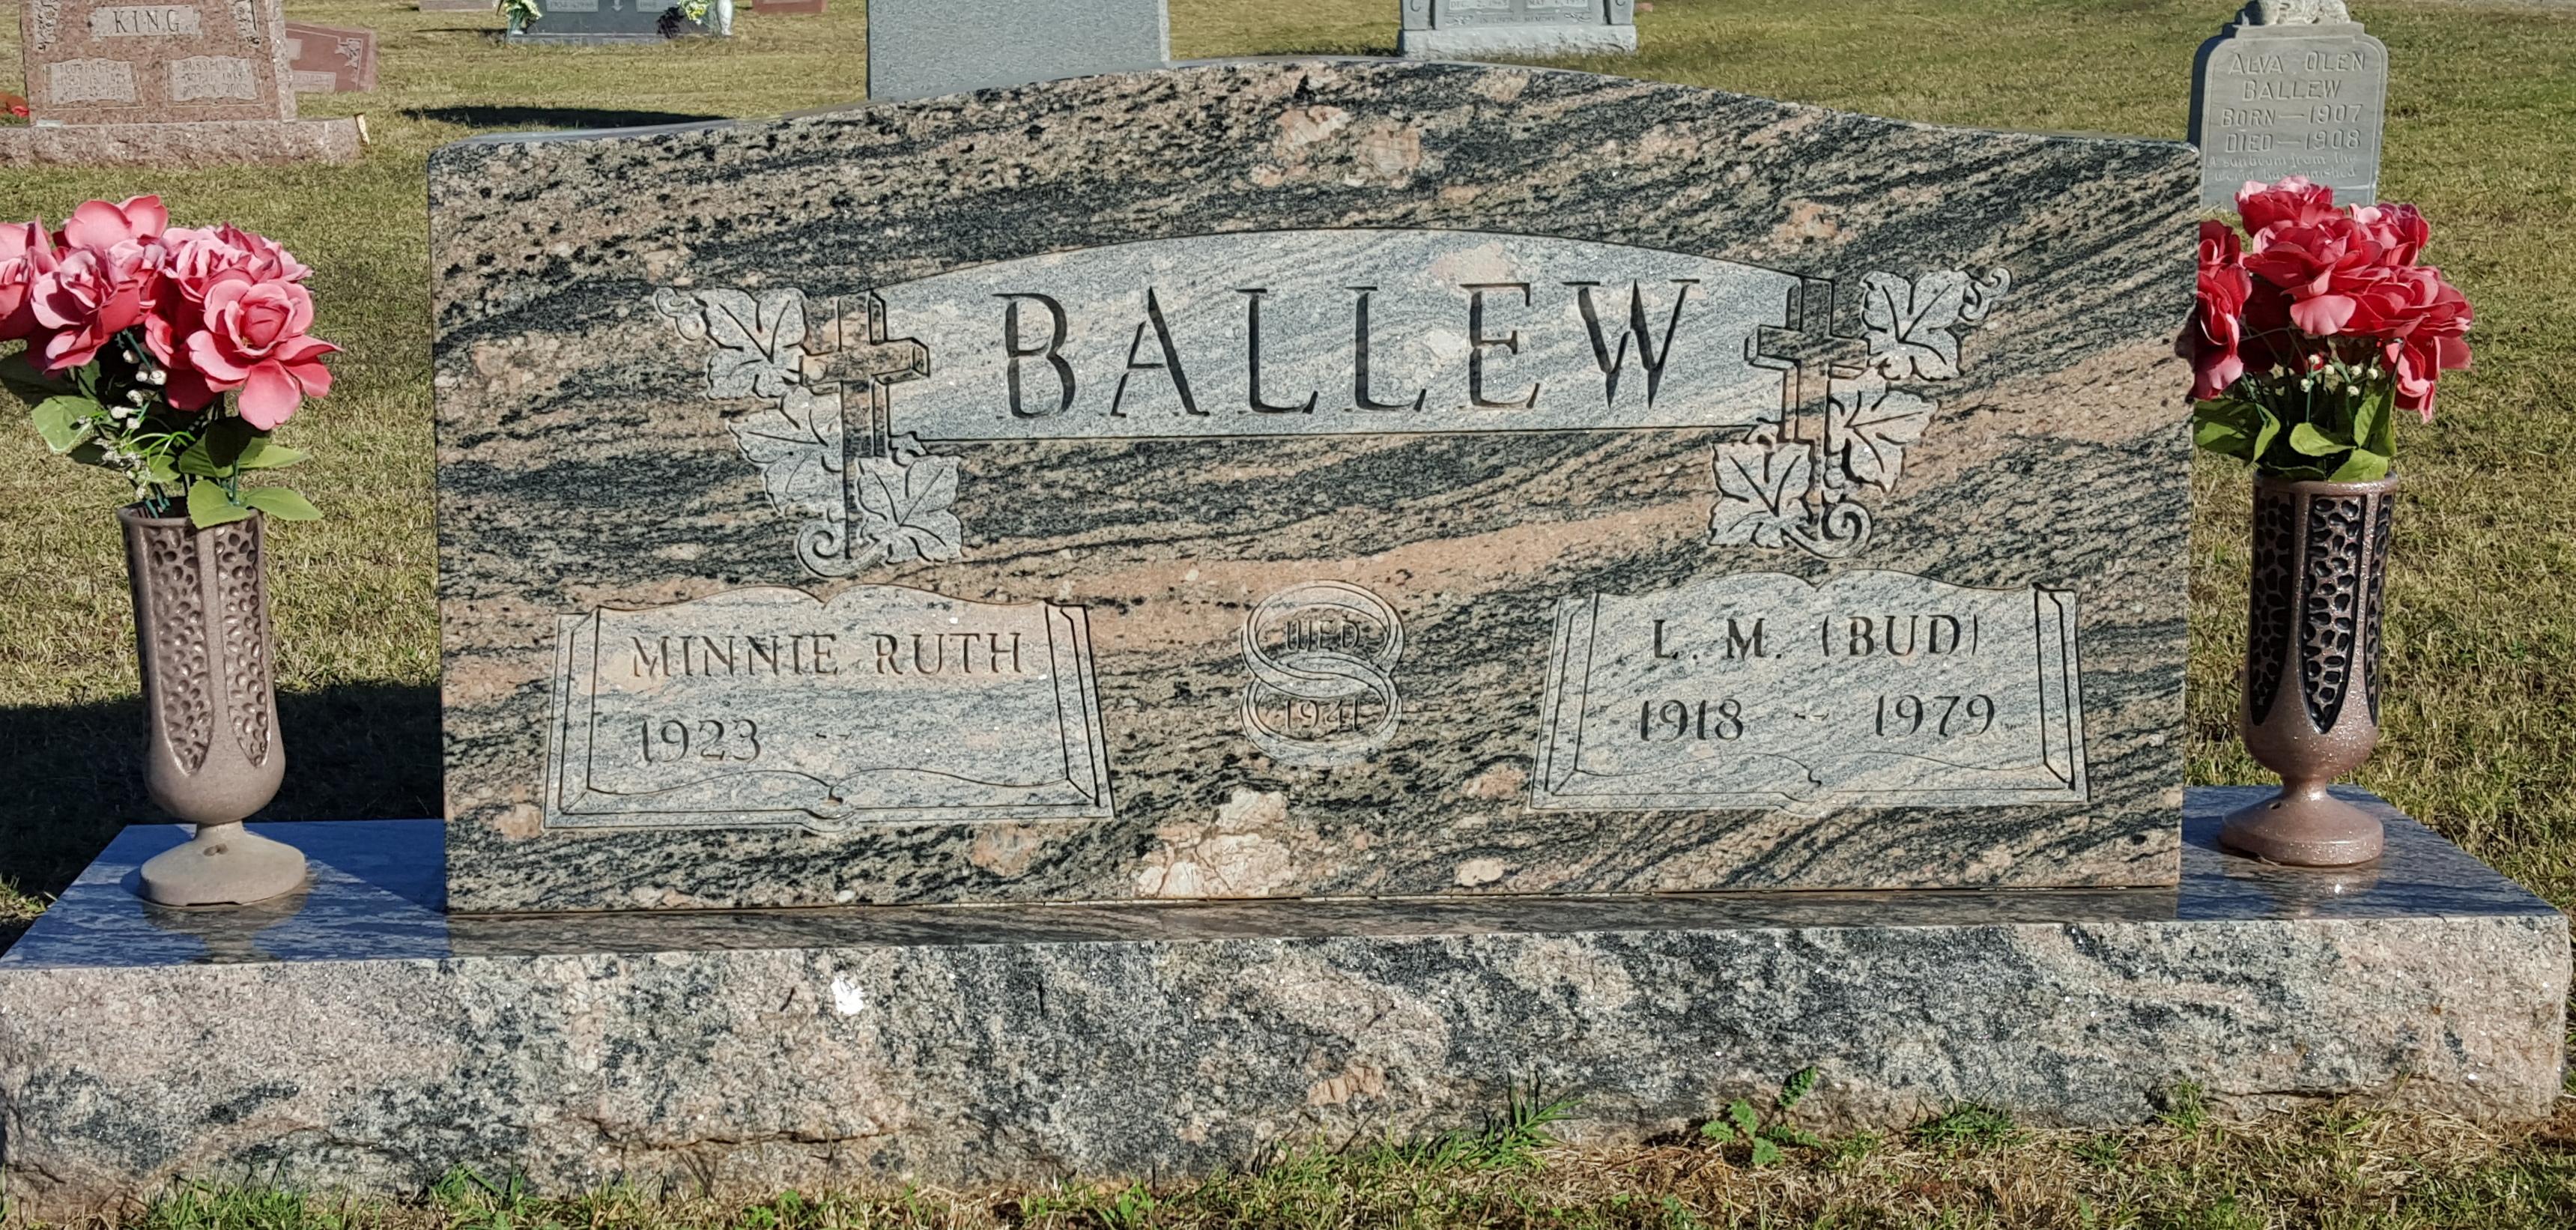 Minnie Ruth Ballew